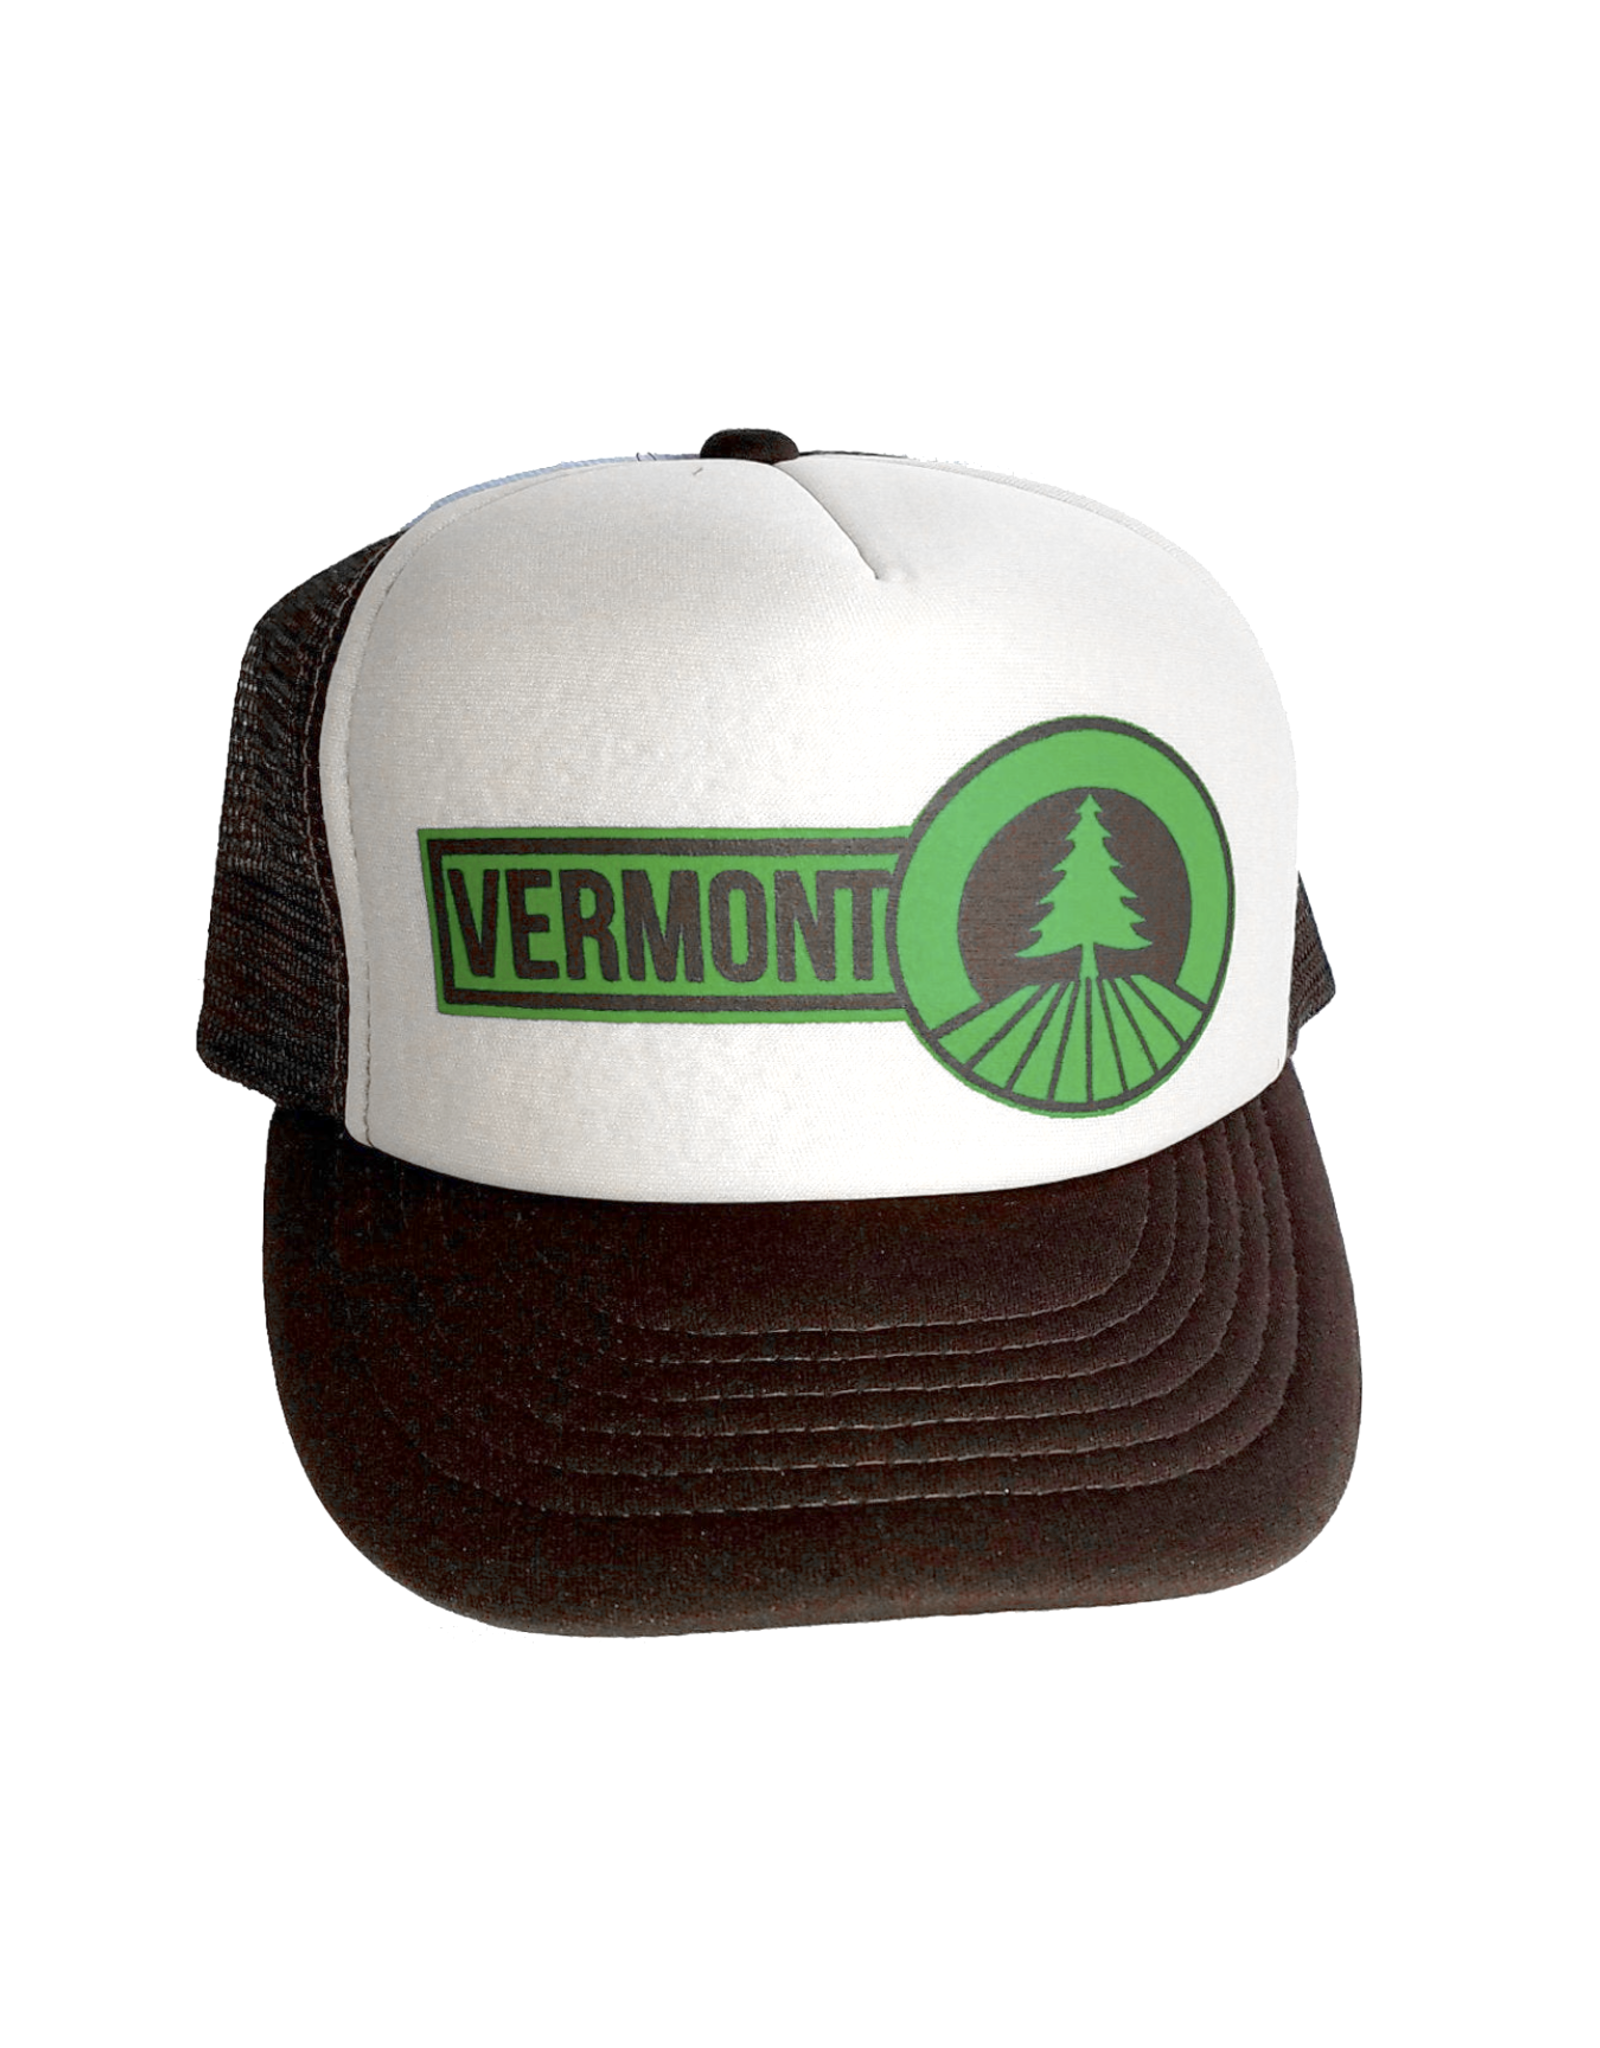 Vermont Mesh Hat